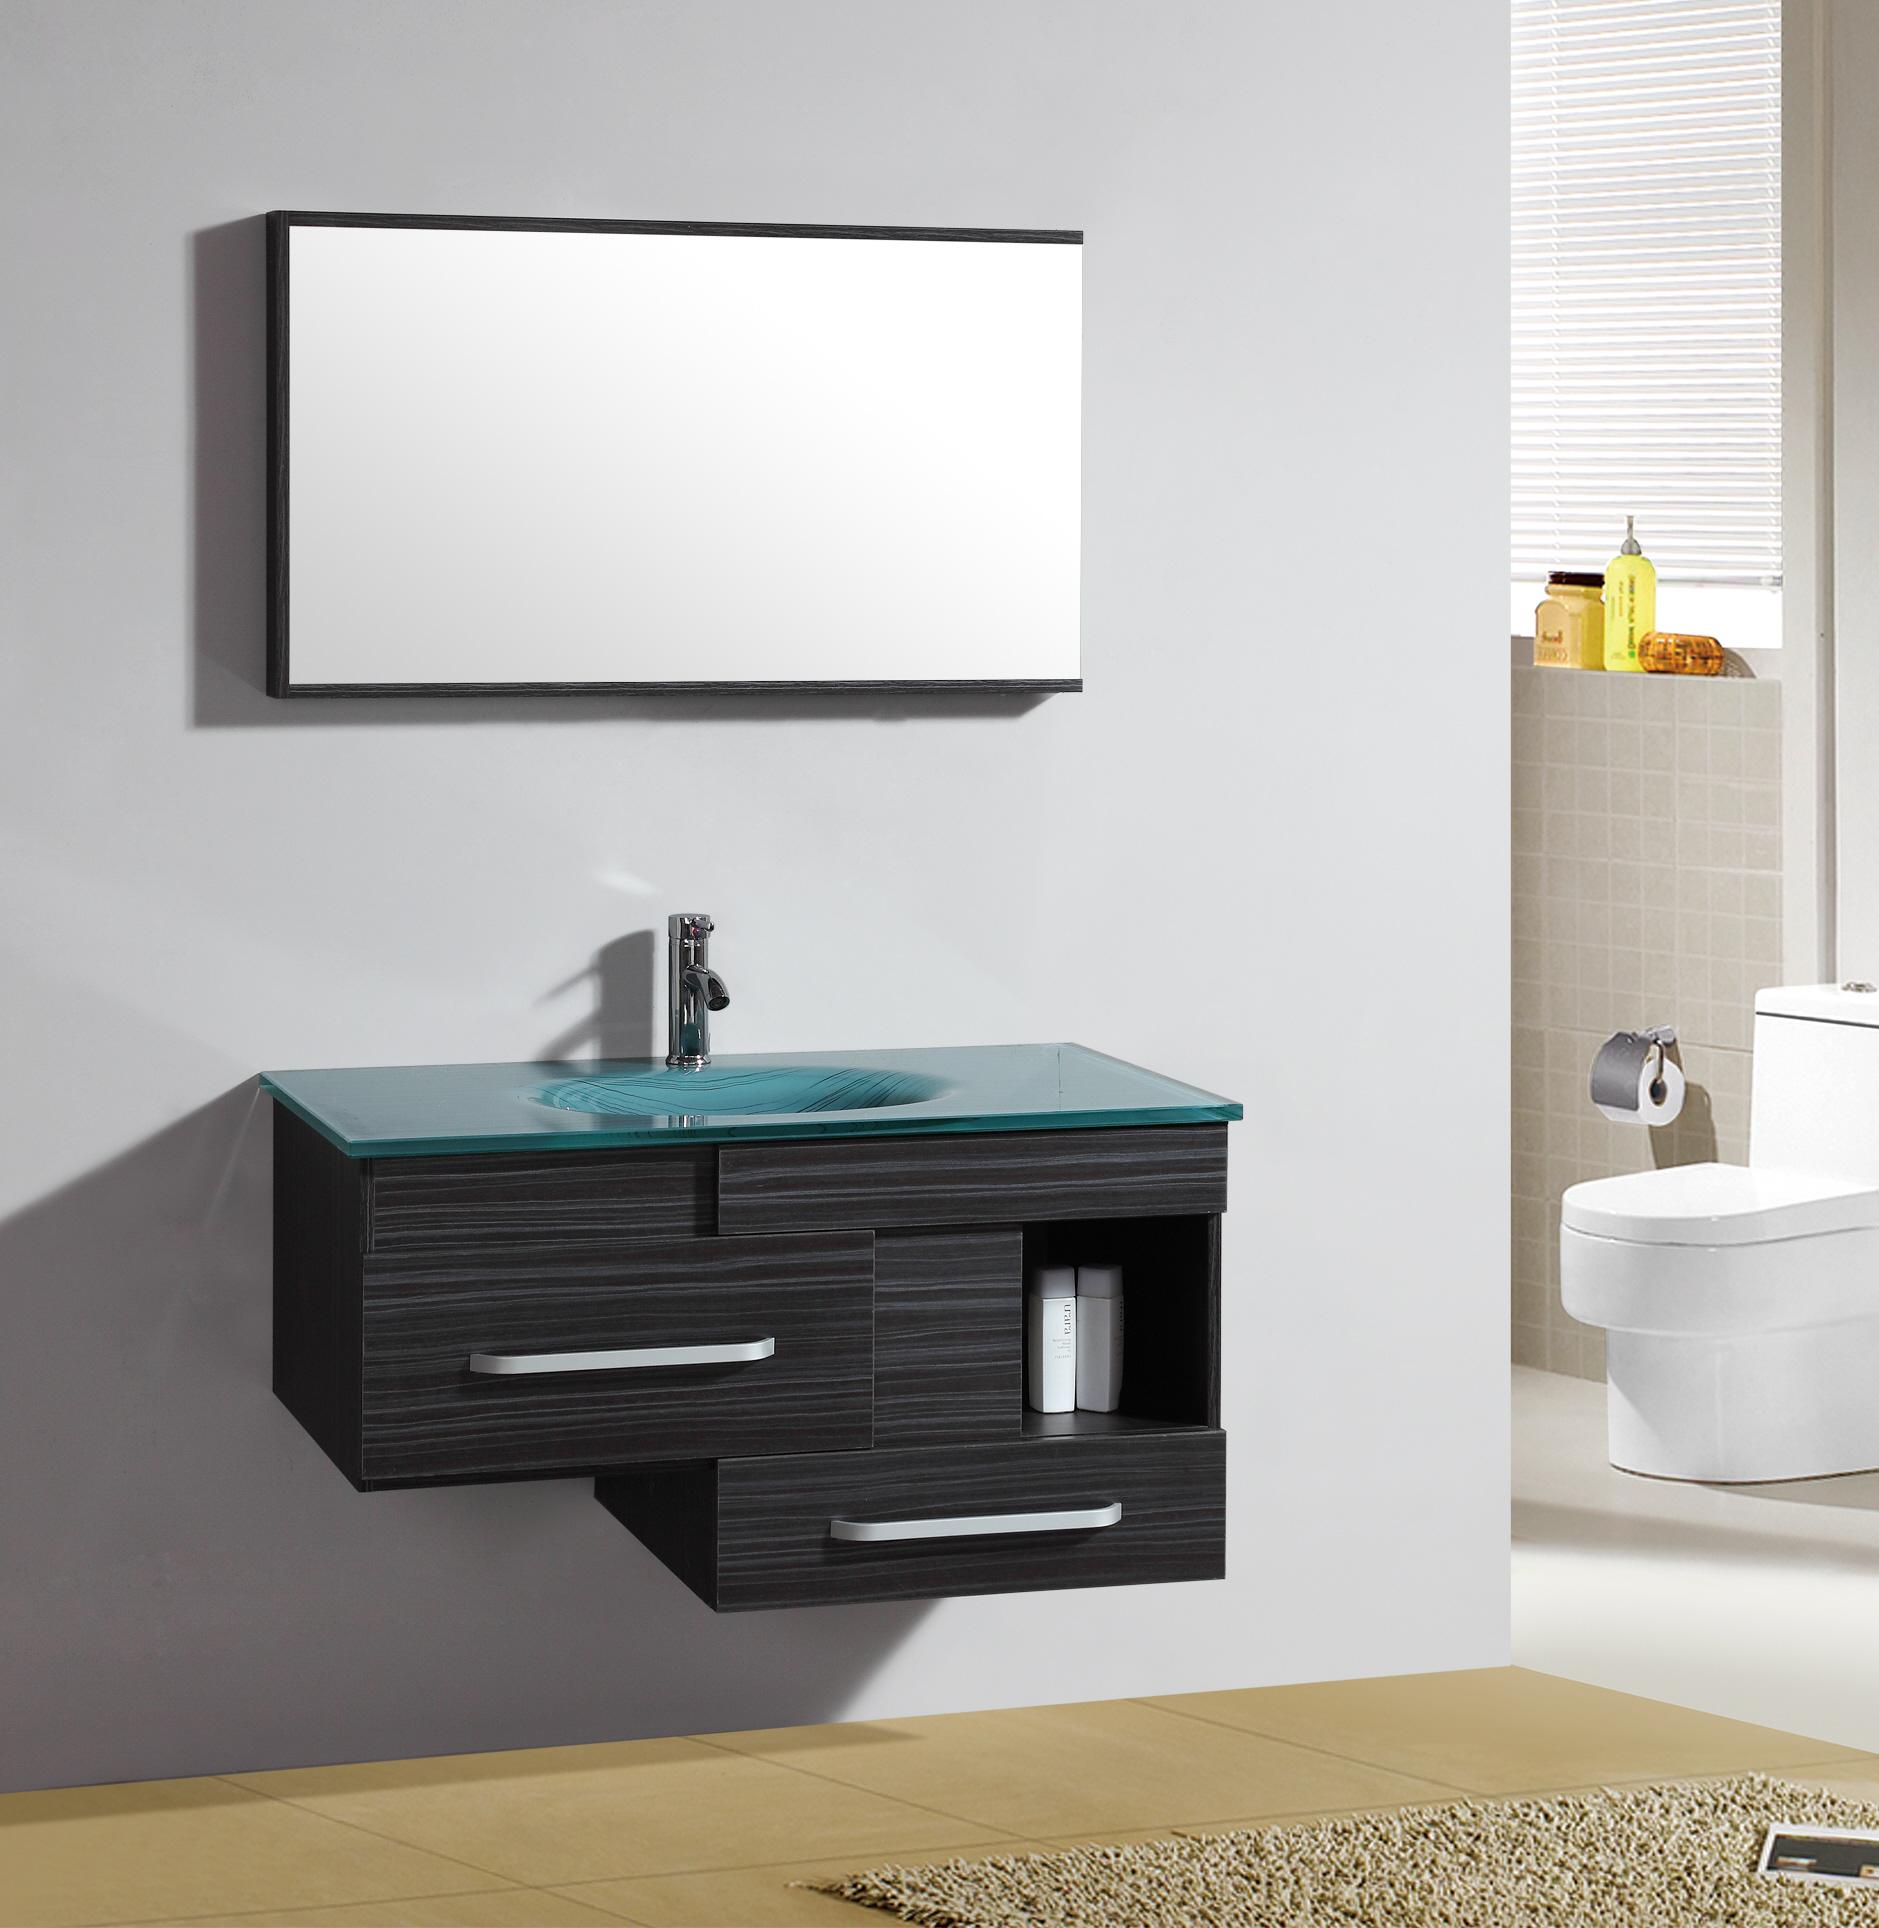 badezimmer waschtisch set – chillege, Badezimmer